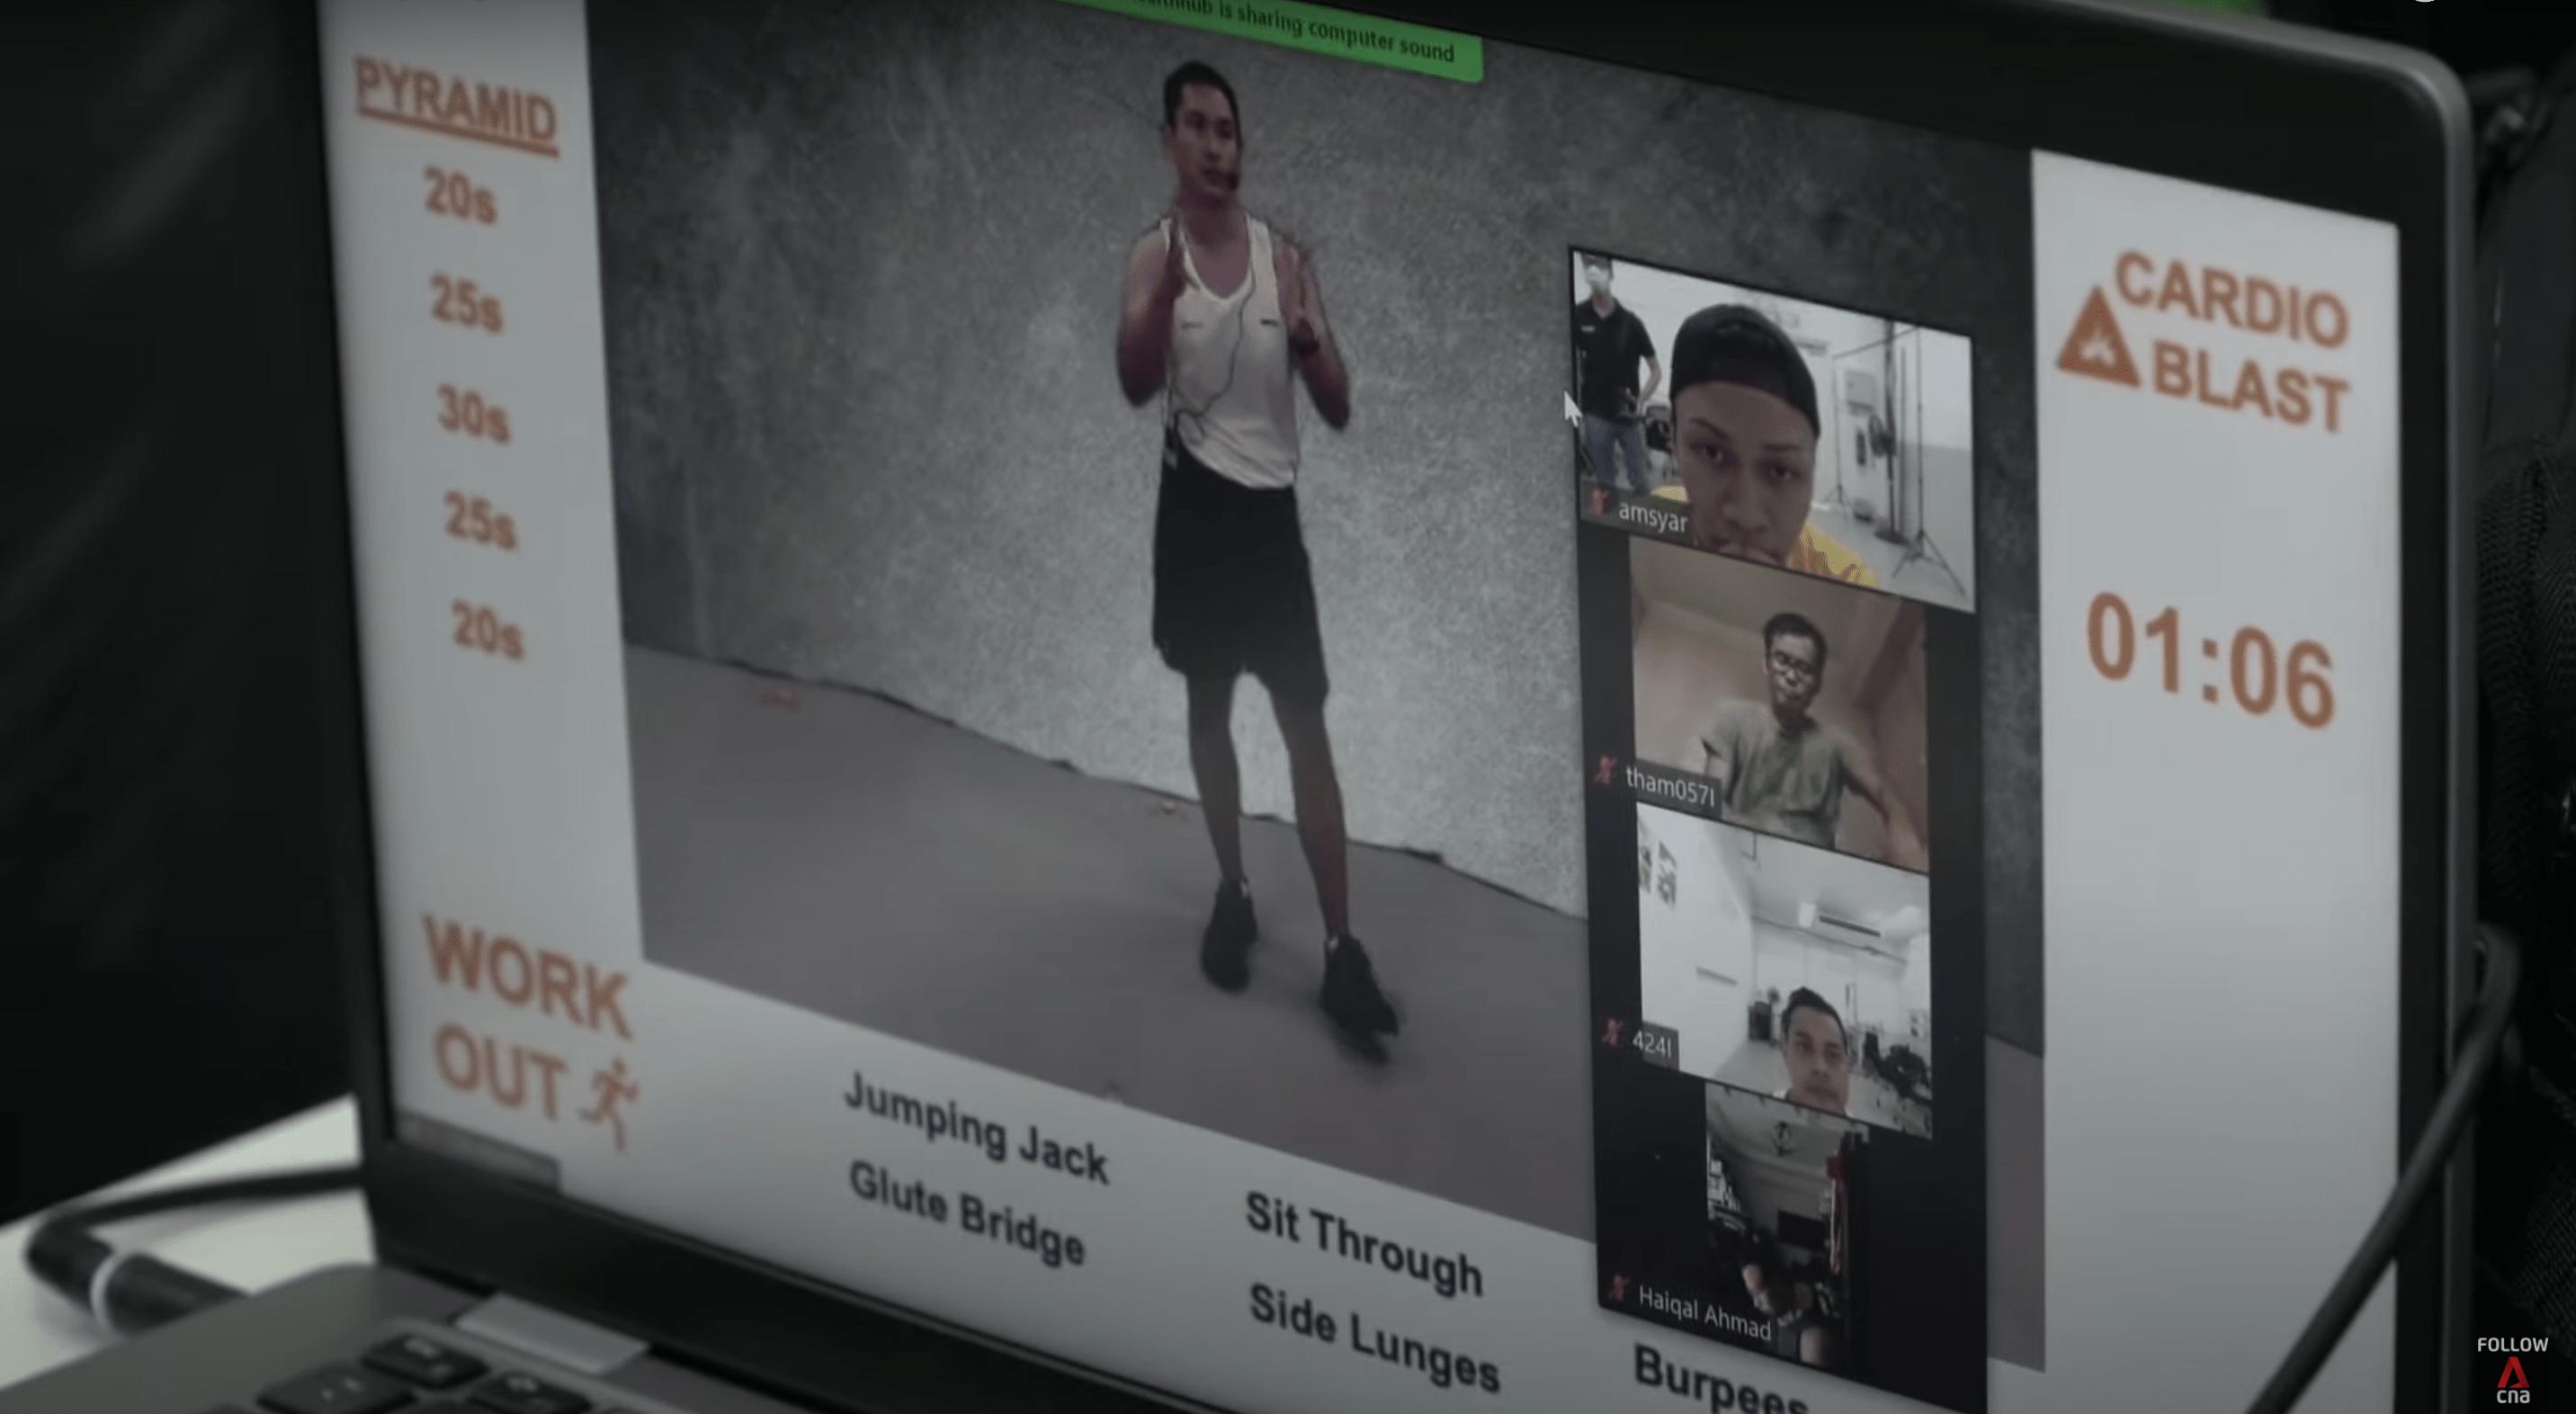 NSmen Virtual workouts